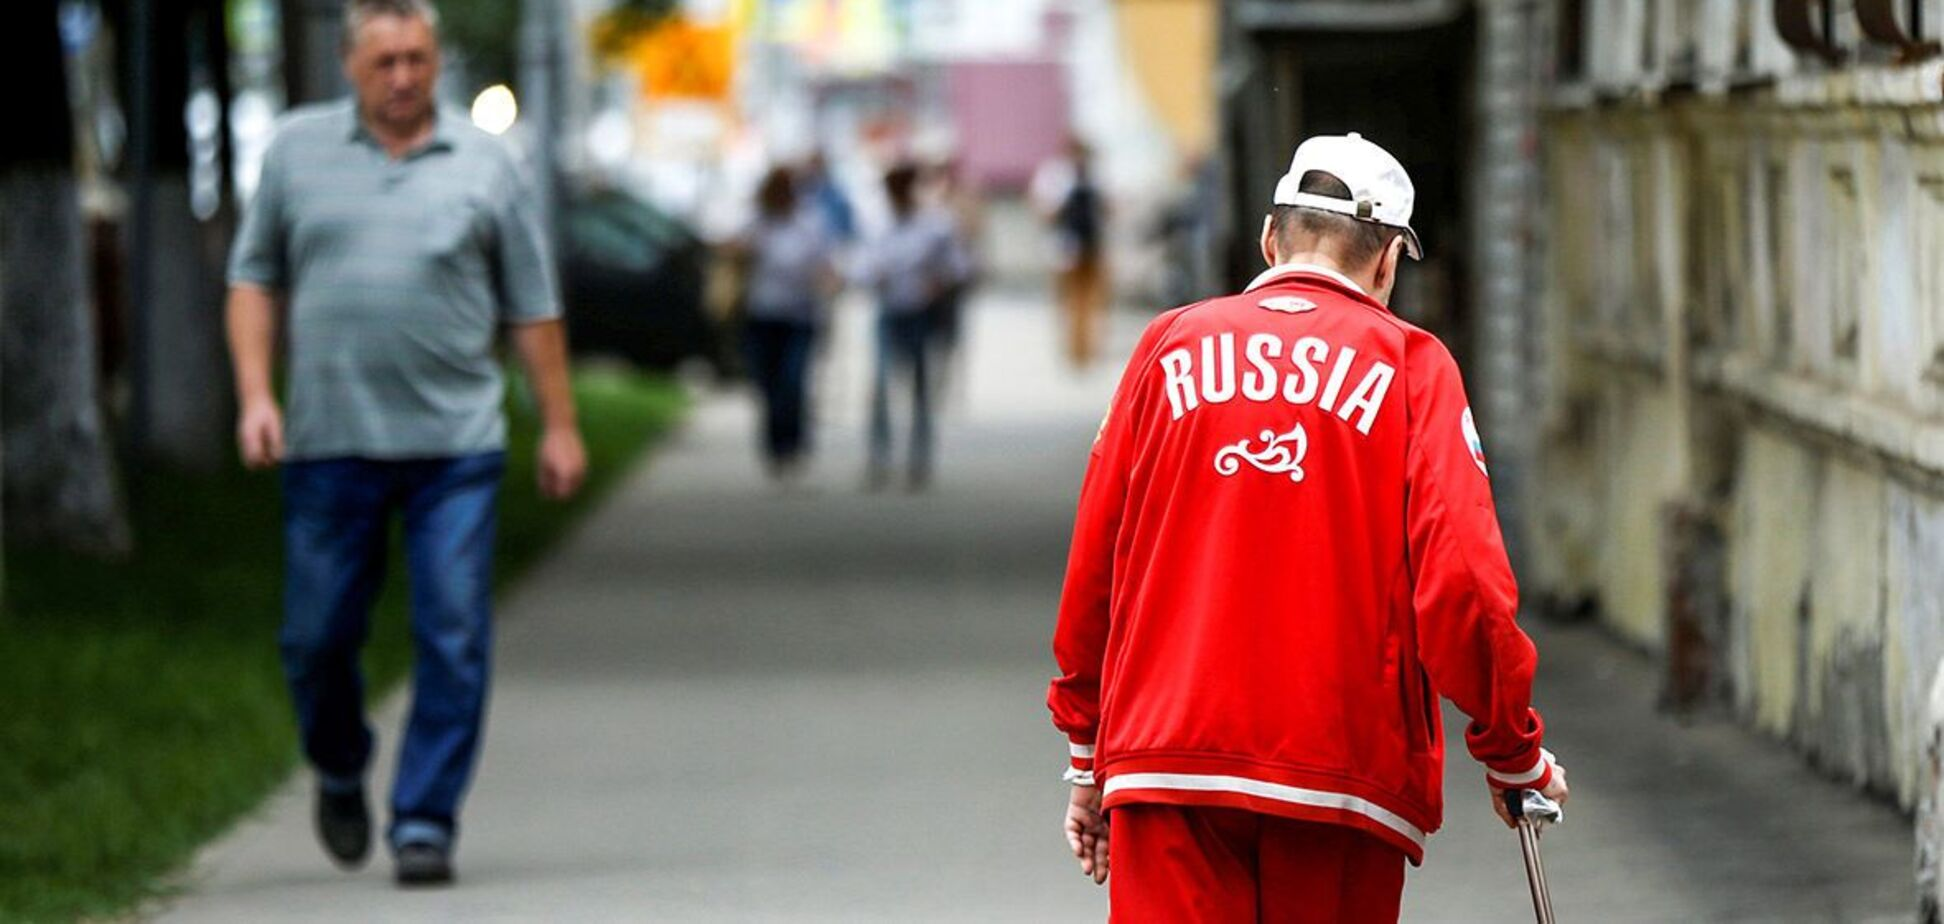 Россияне обеднели быстрее, чем украинцы – доклад швейцарского банка